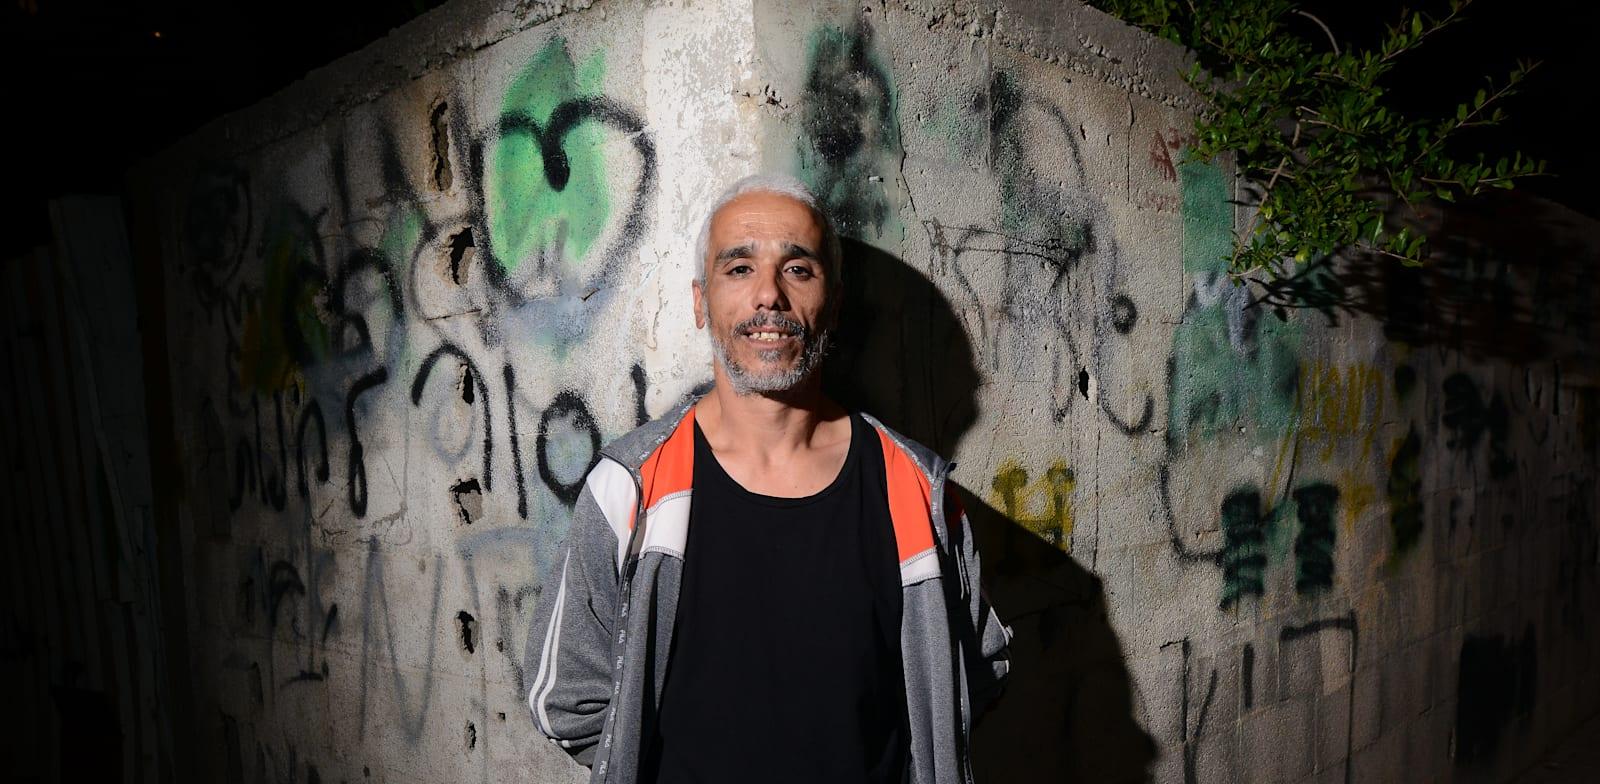 מוחמד גרבוע / צילום: איל יצהר